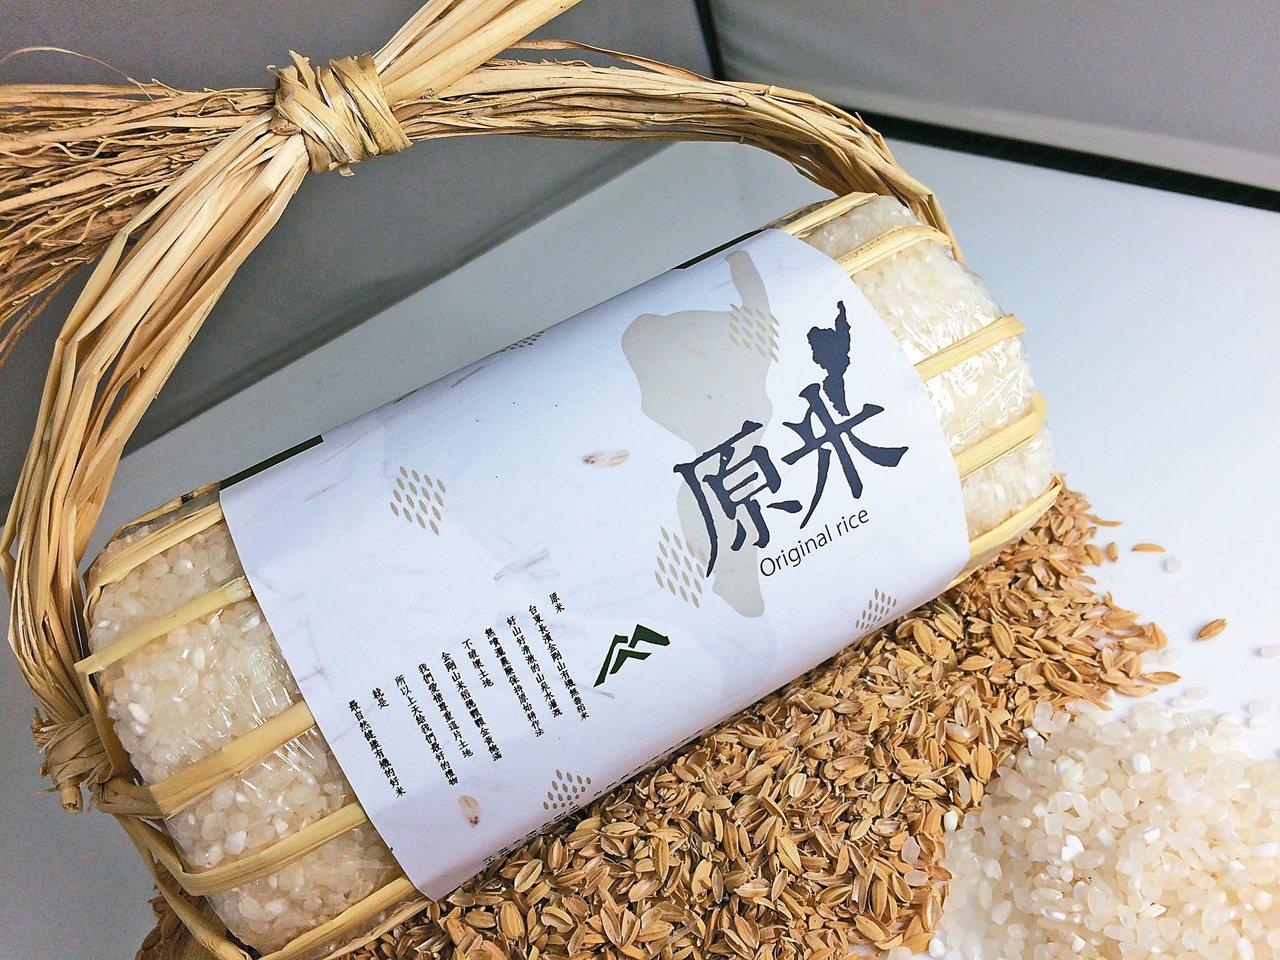 商品包裝組由楊午憲將稻梗及稻殼當包裝材料獲得首獎。 圖/台東縣政府提供